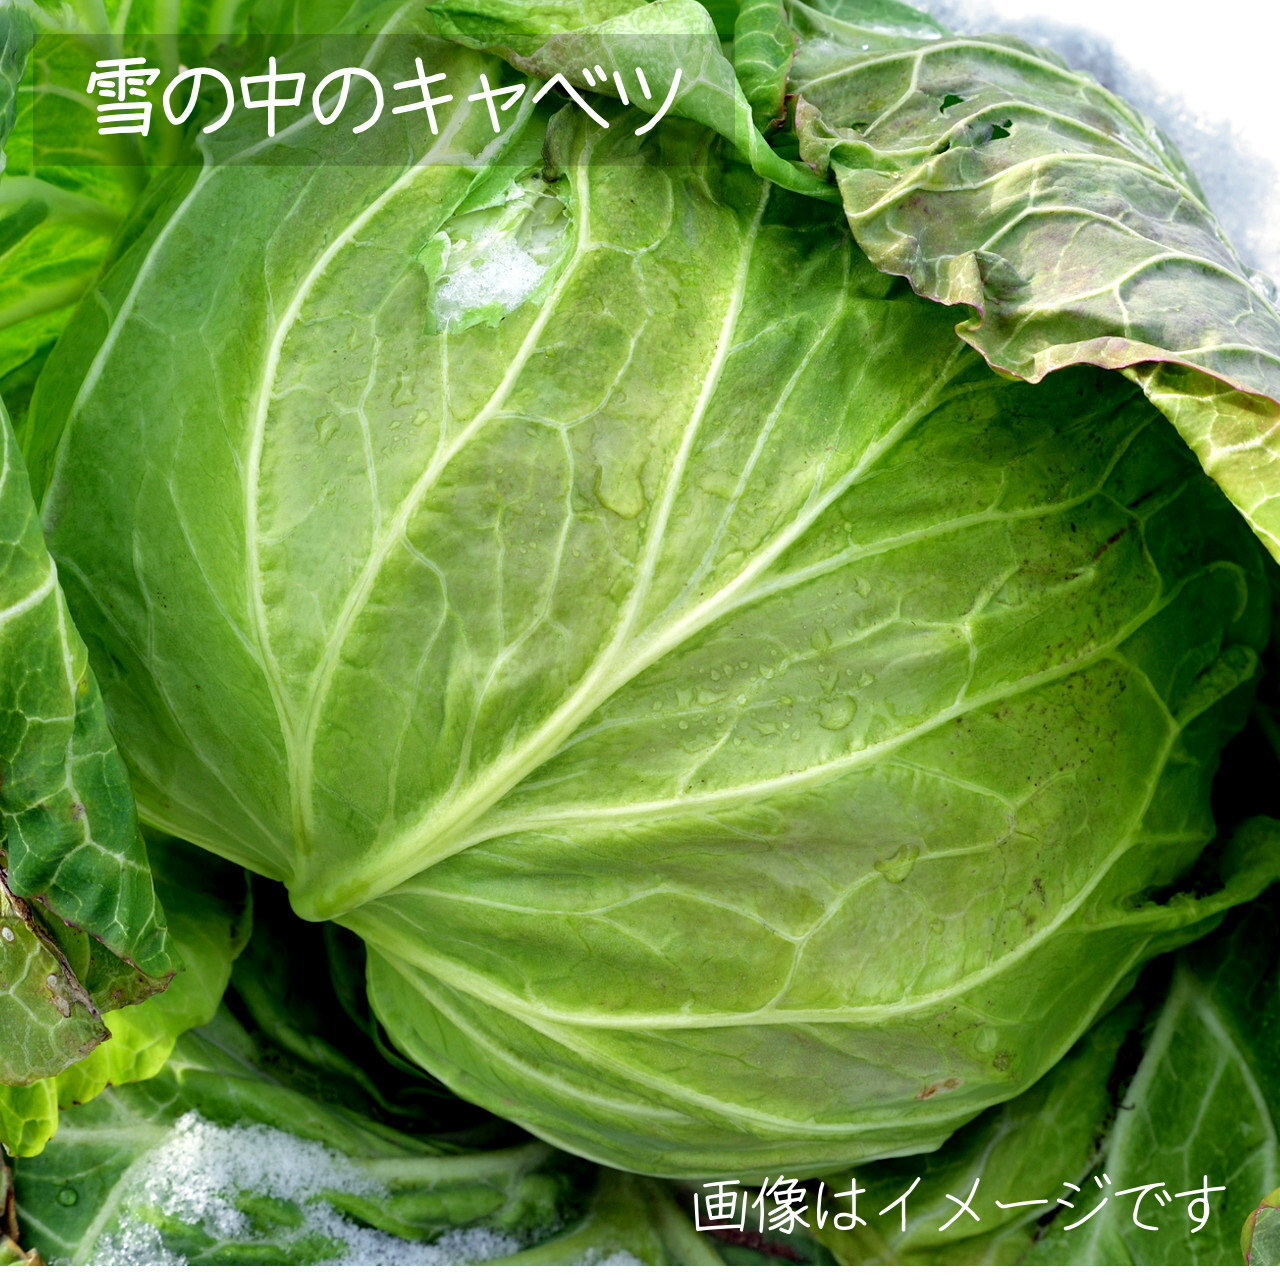 5月の朝採り直売野菜 キャベツ 1個 春の新鮮野菜 5月2日発送予定